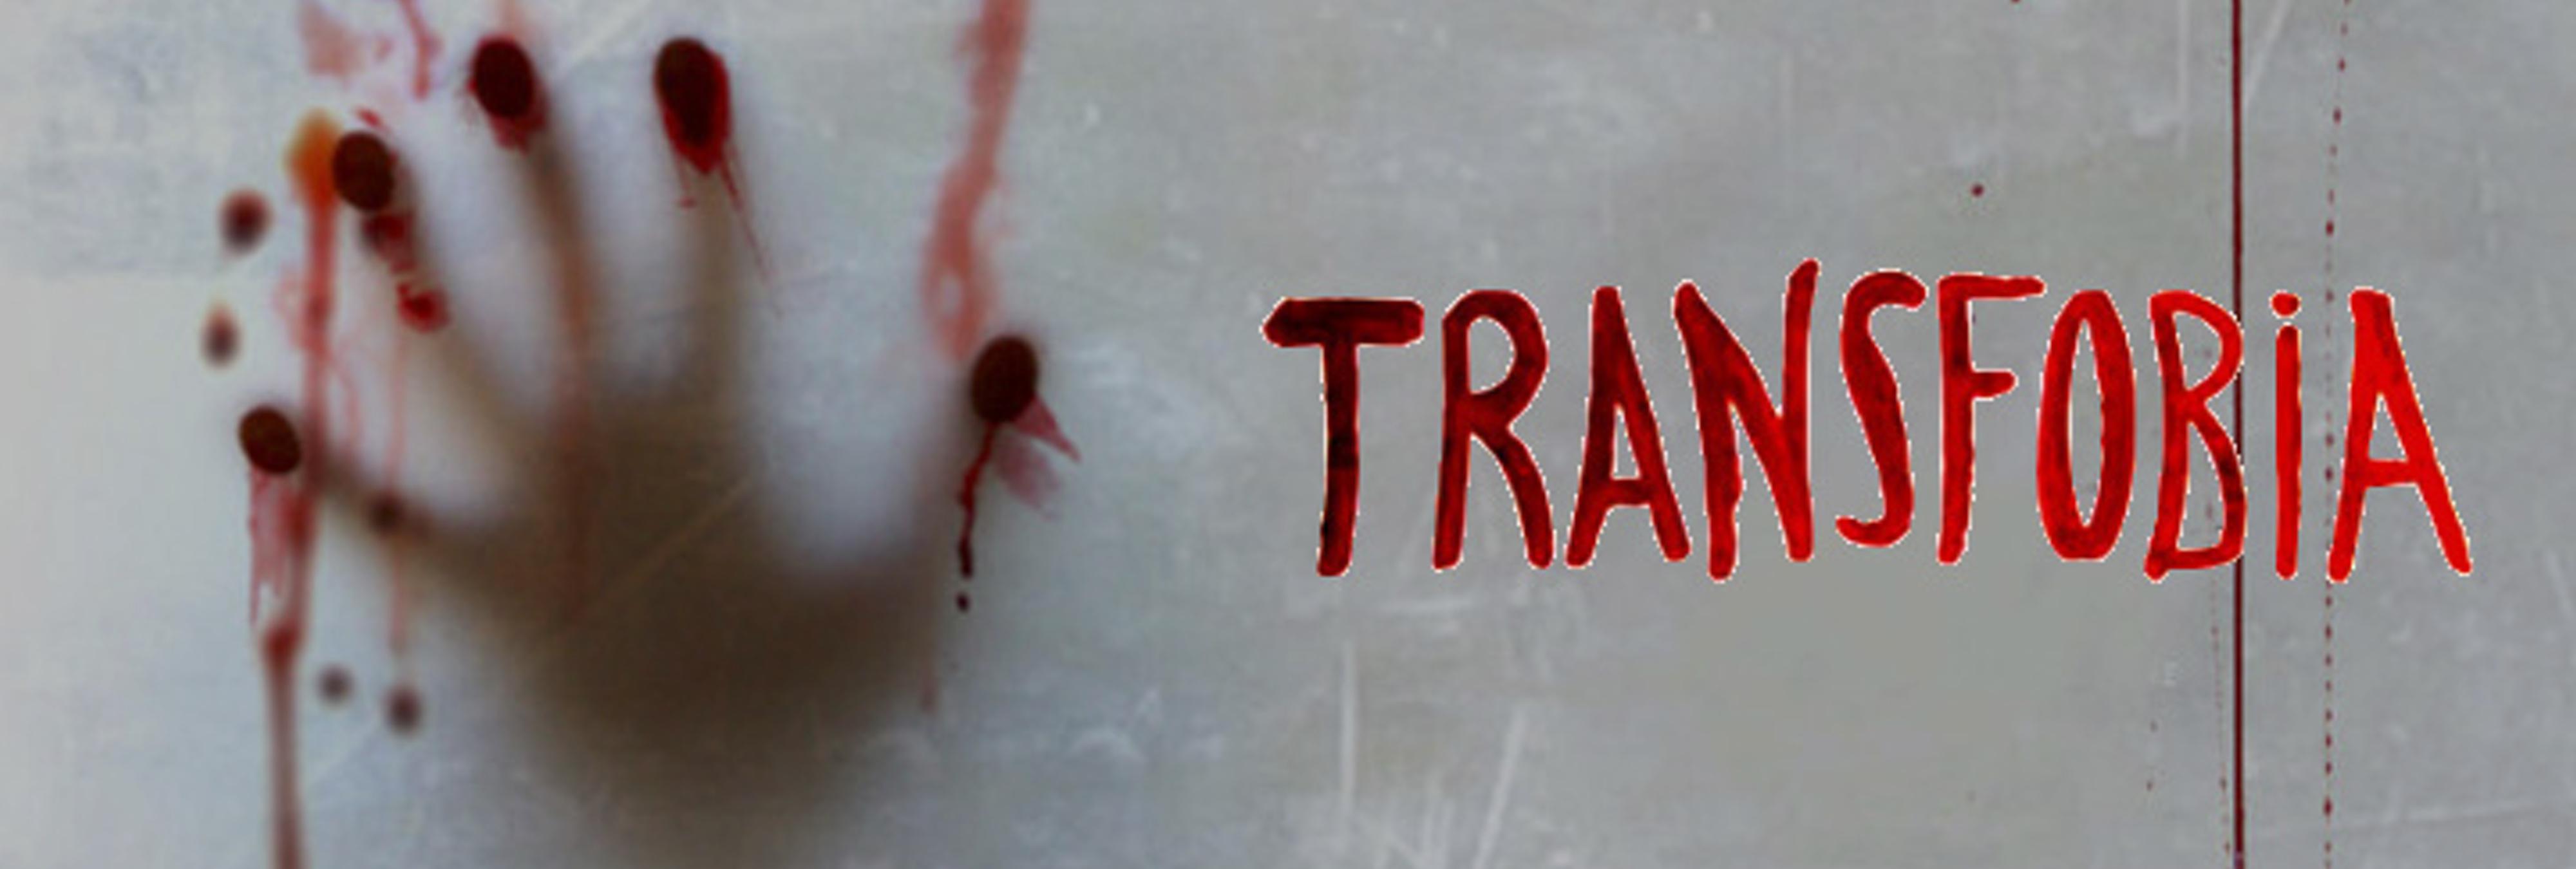 En el último año al menos 325 personas trans han sido asesinadas en todo el mundo